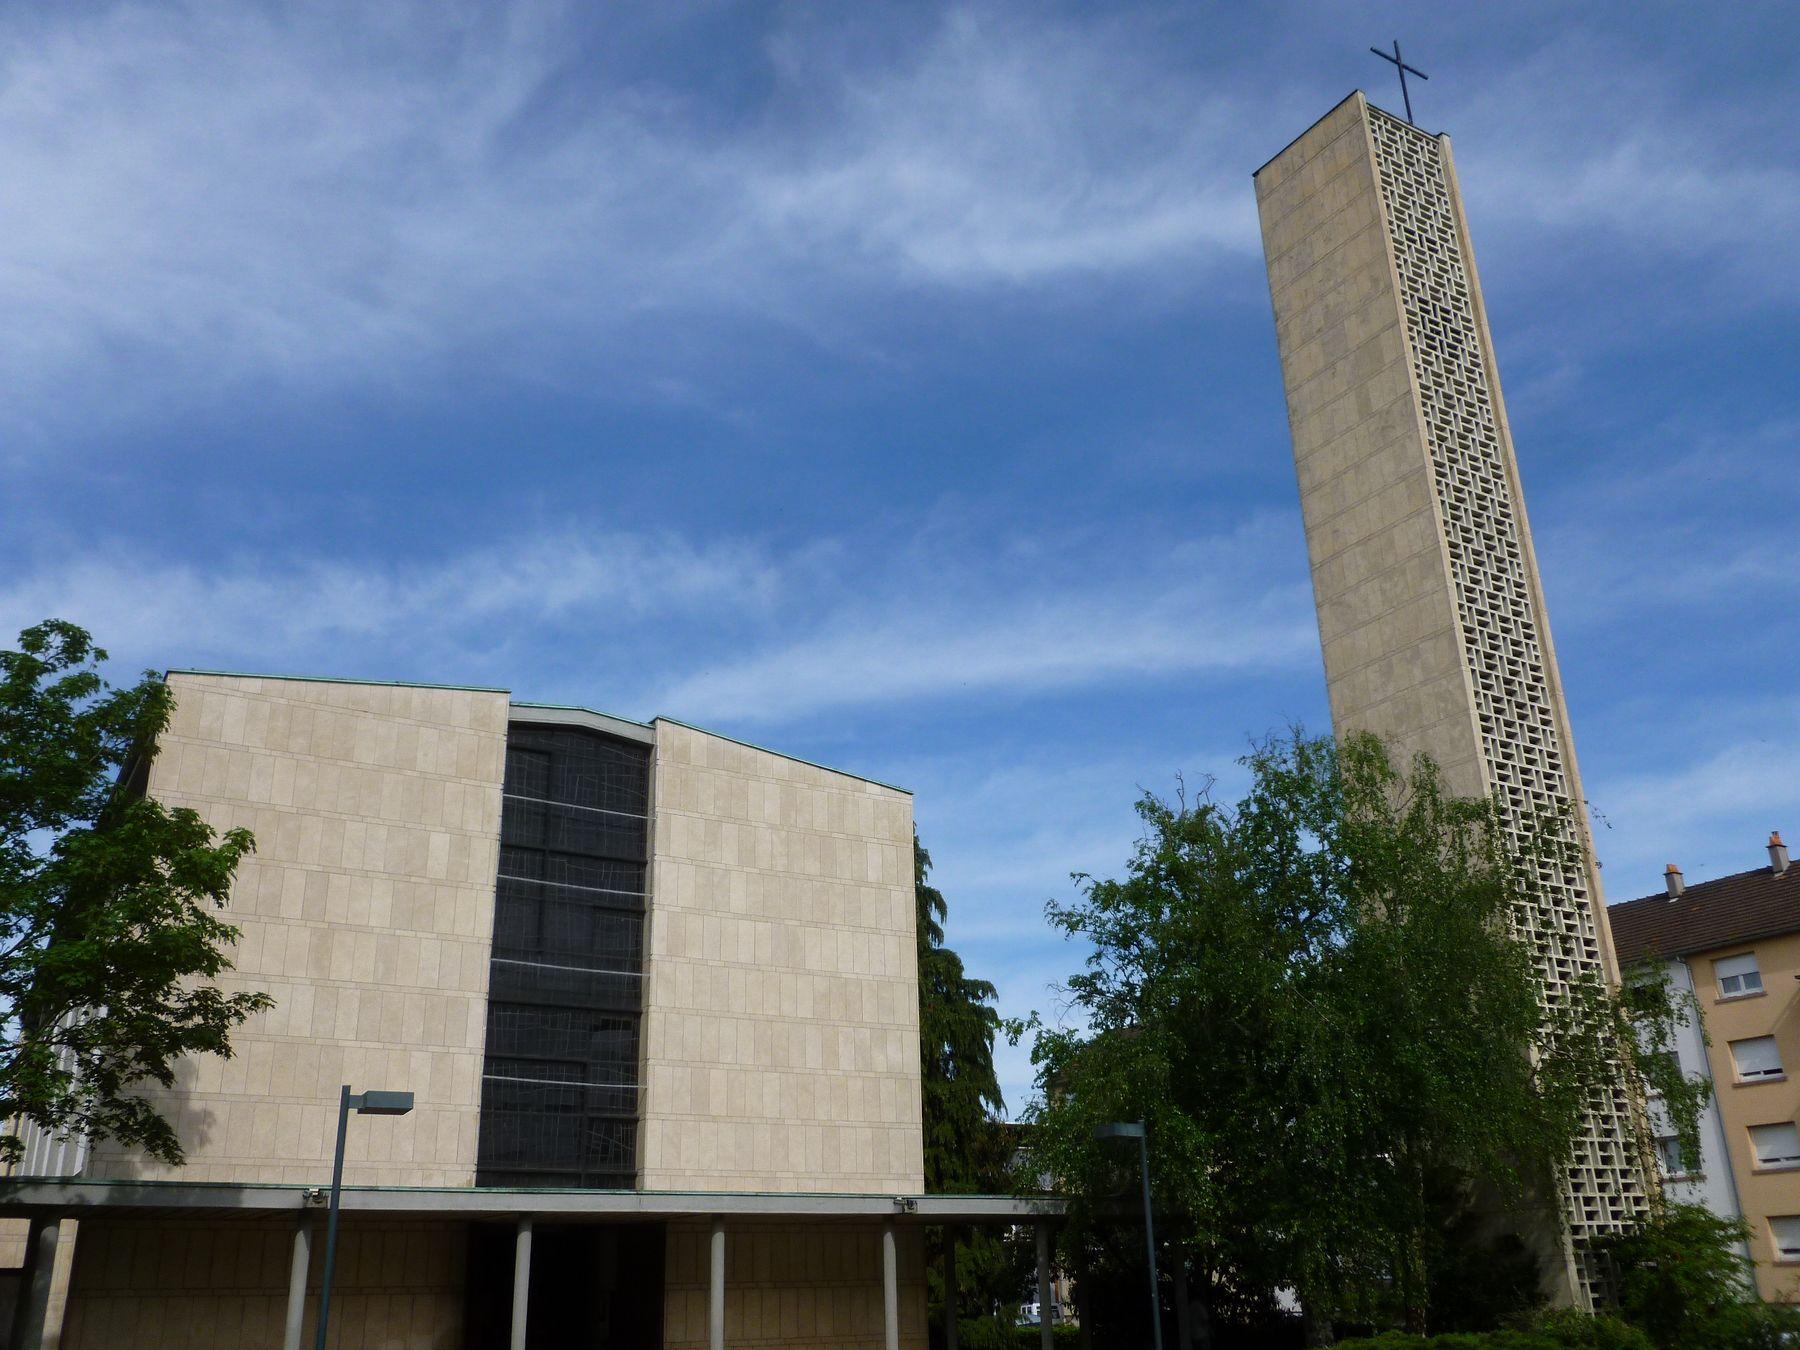 Eglise Notre-Dame-de-la-Paix